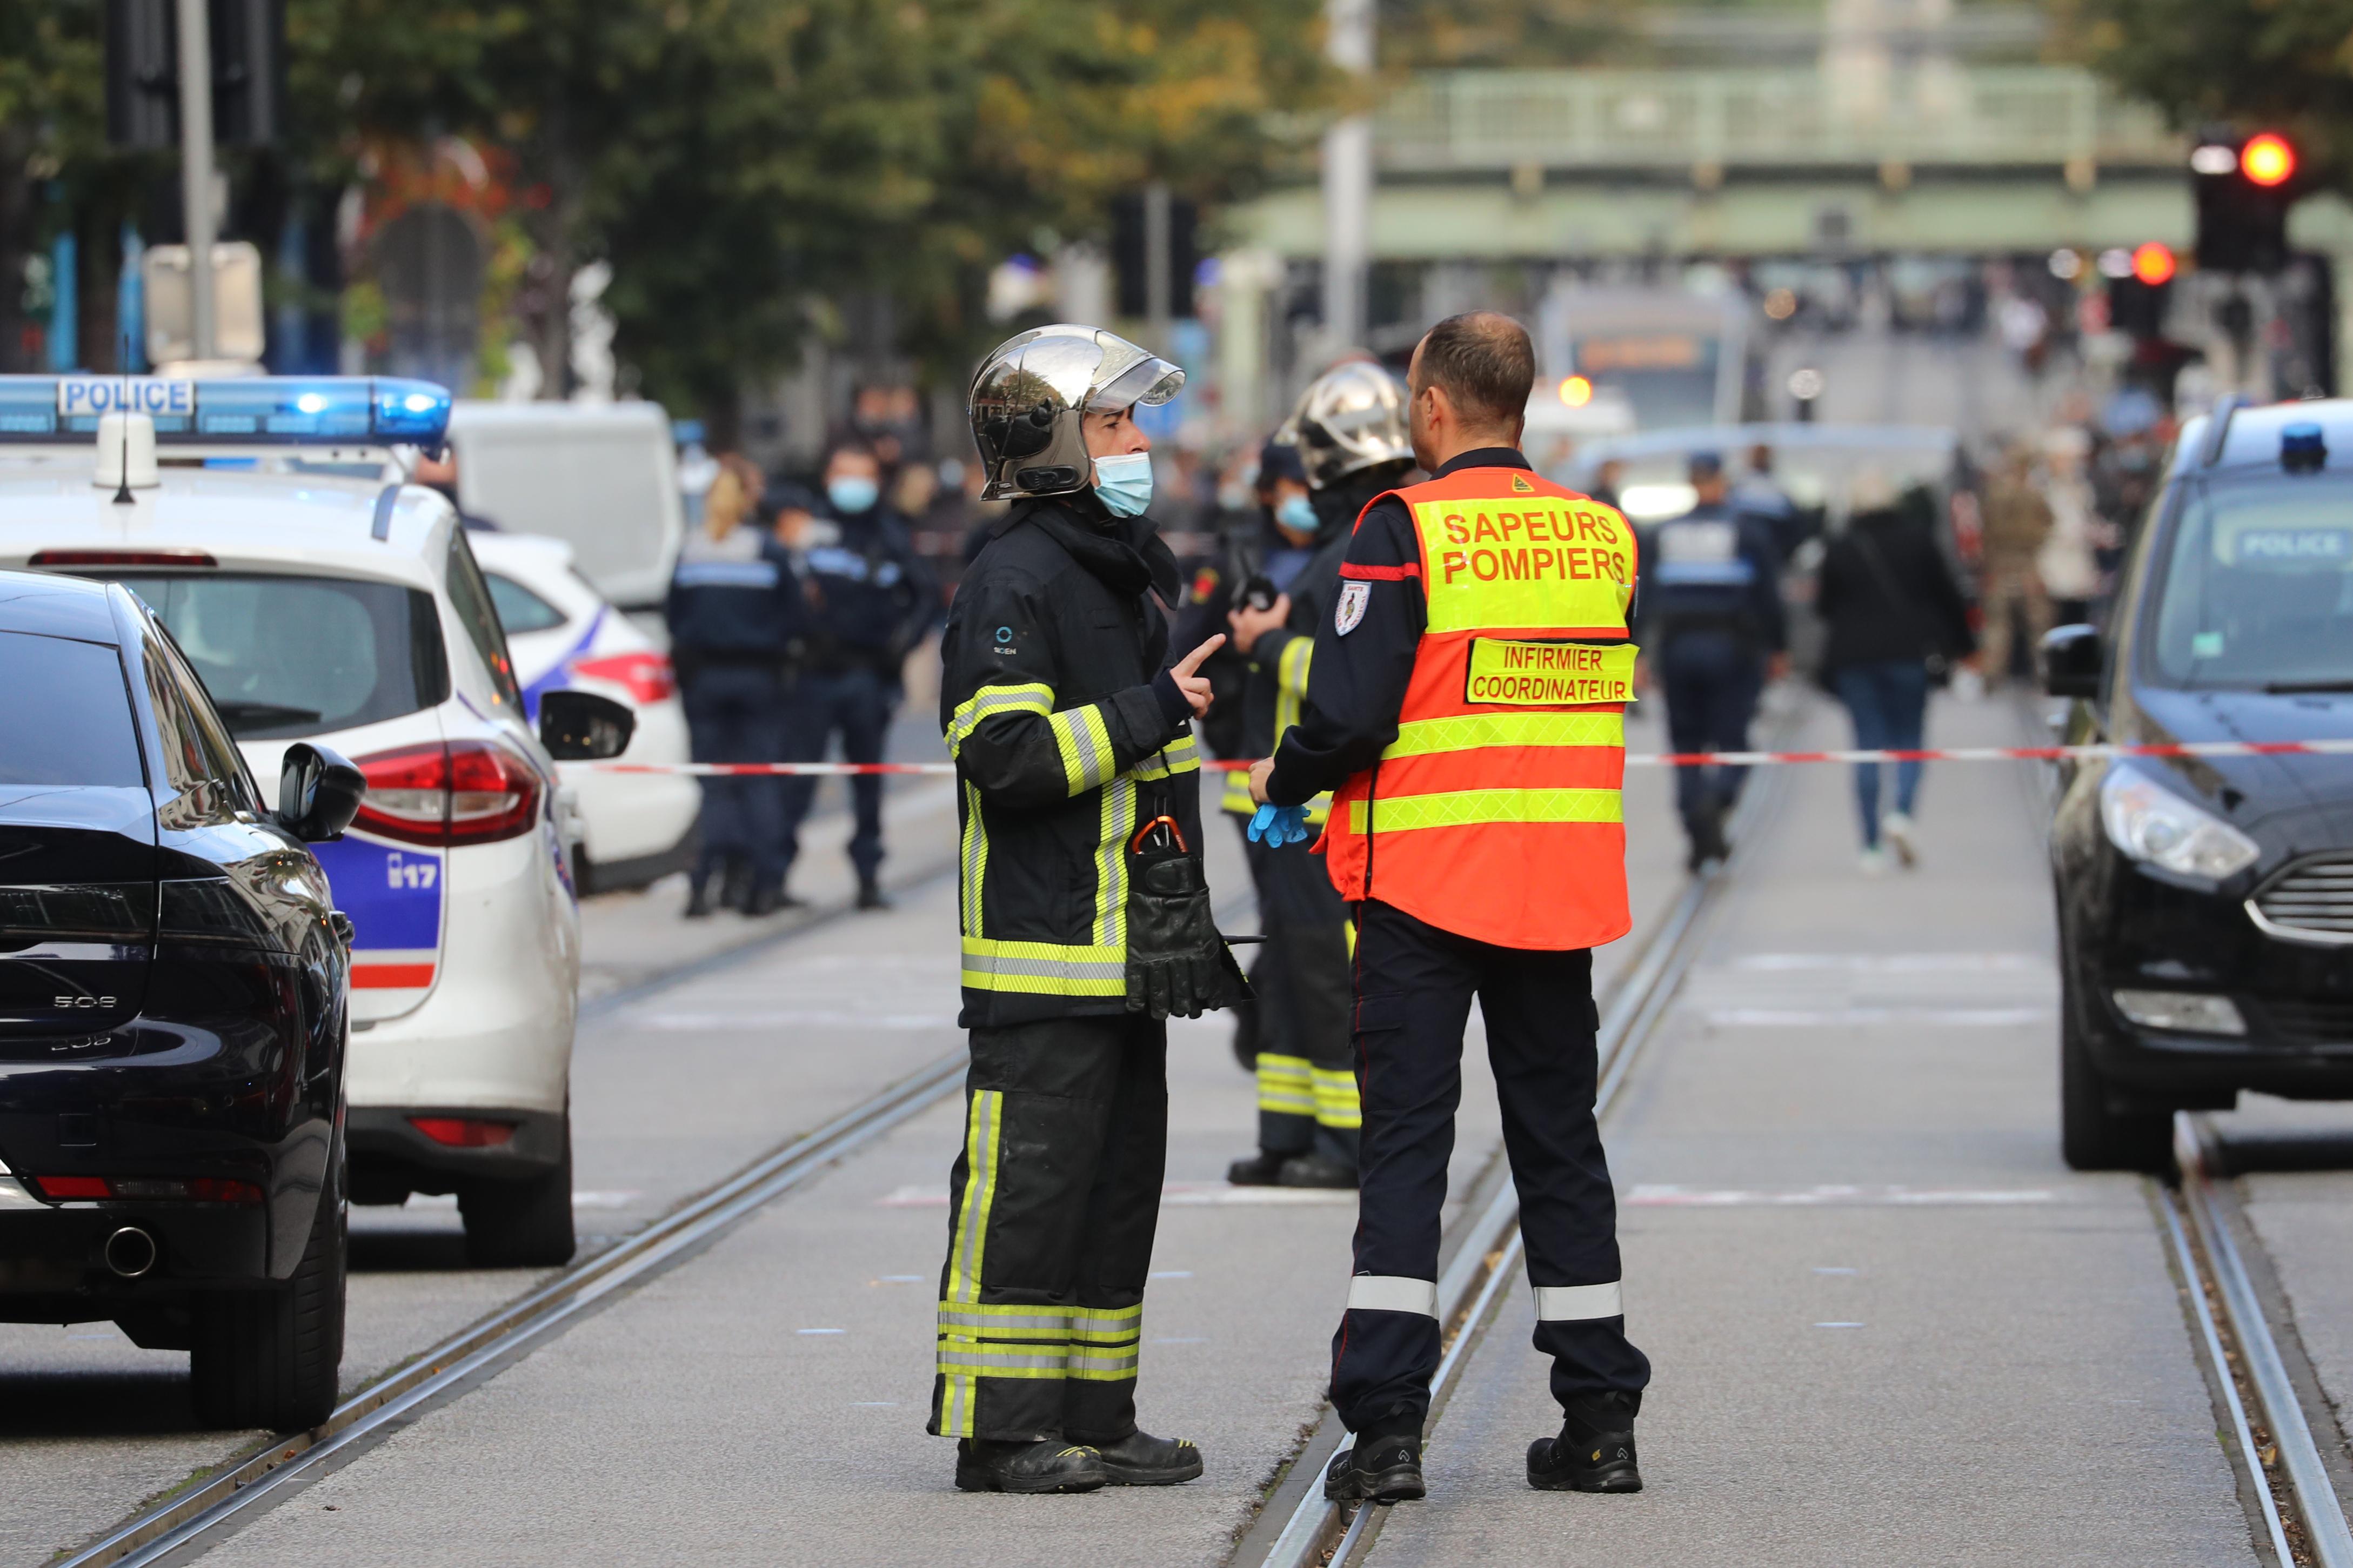 Késes ámokfutó gyilkolt Nizzában